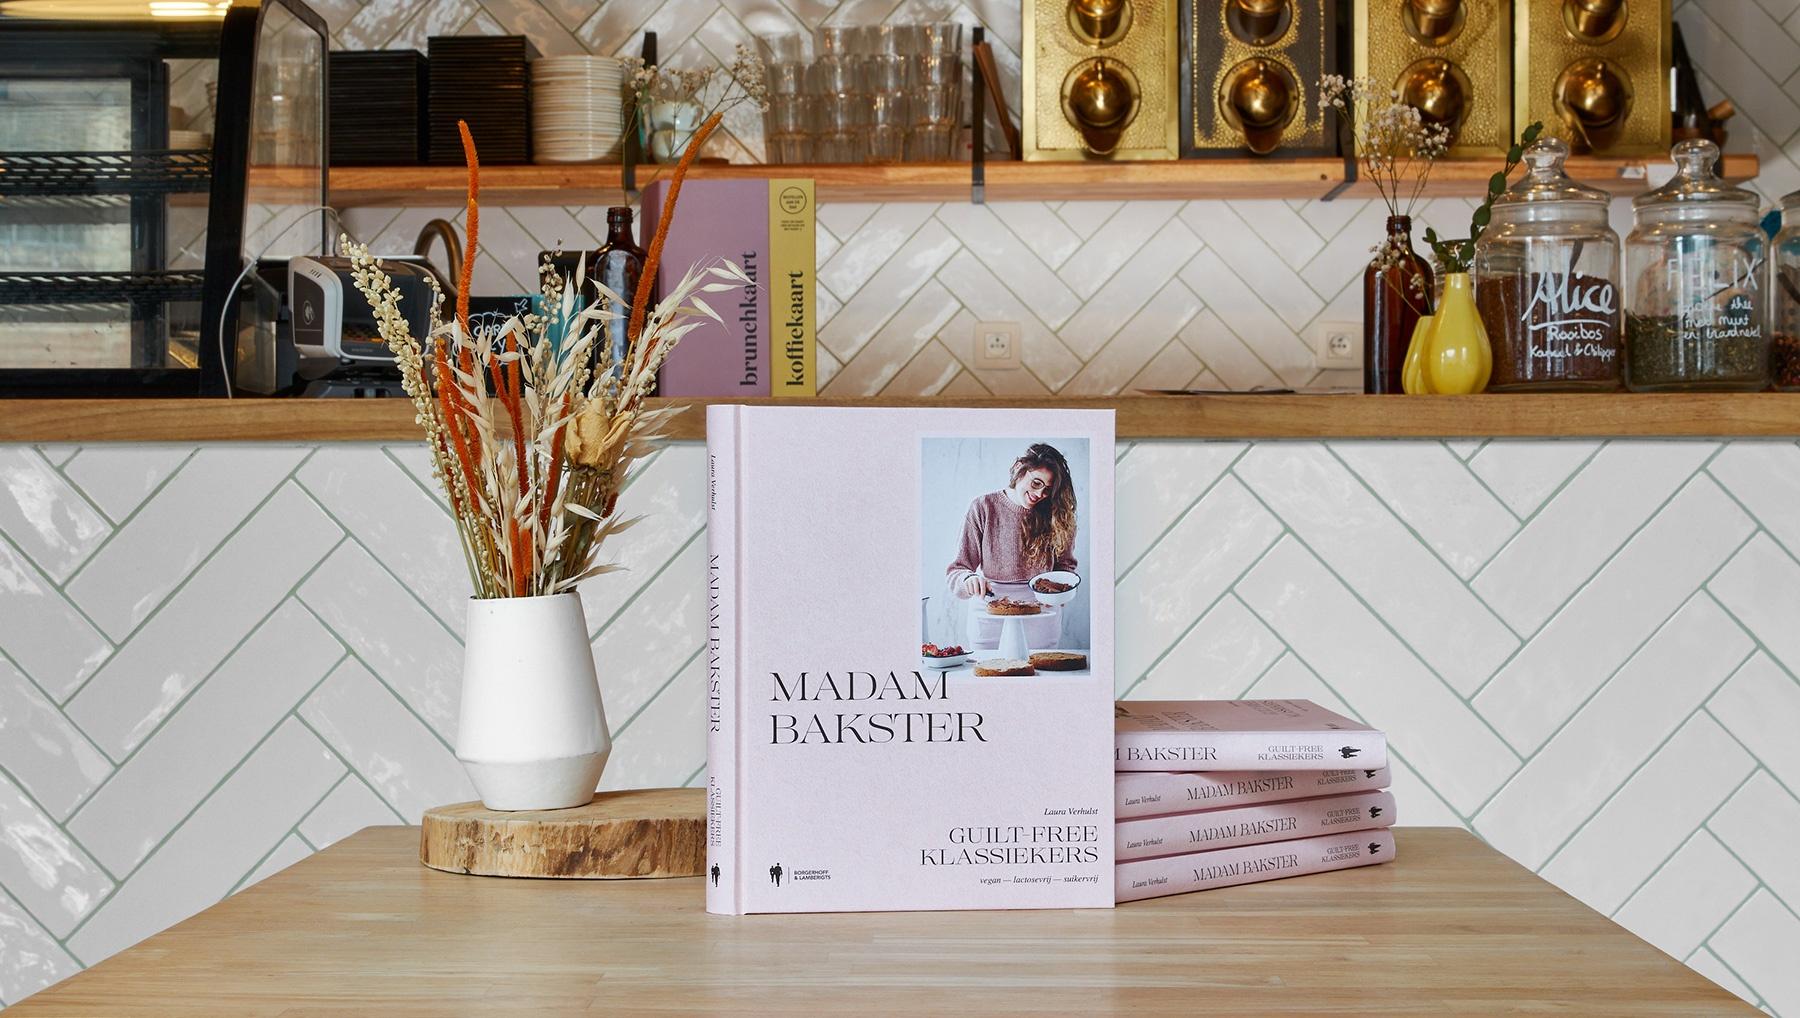 Guiltfree klassiekers ook BPost  - Ons tweede bakboek